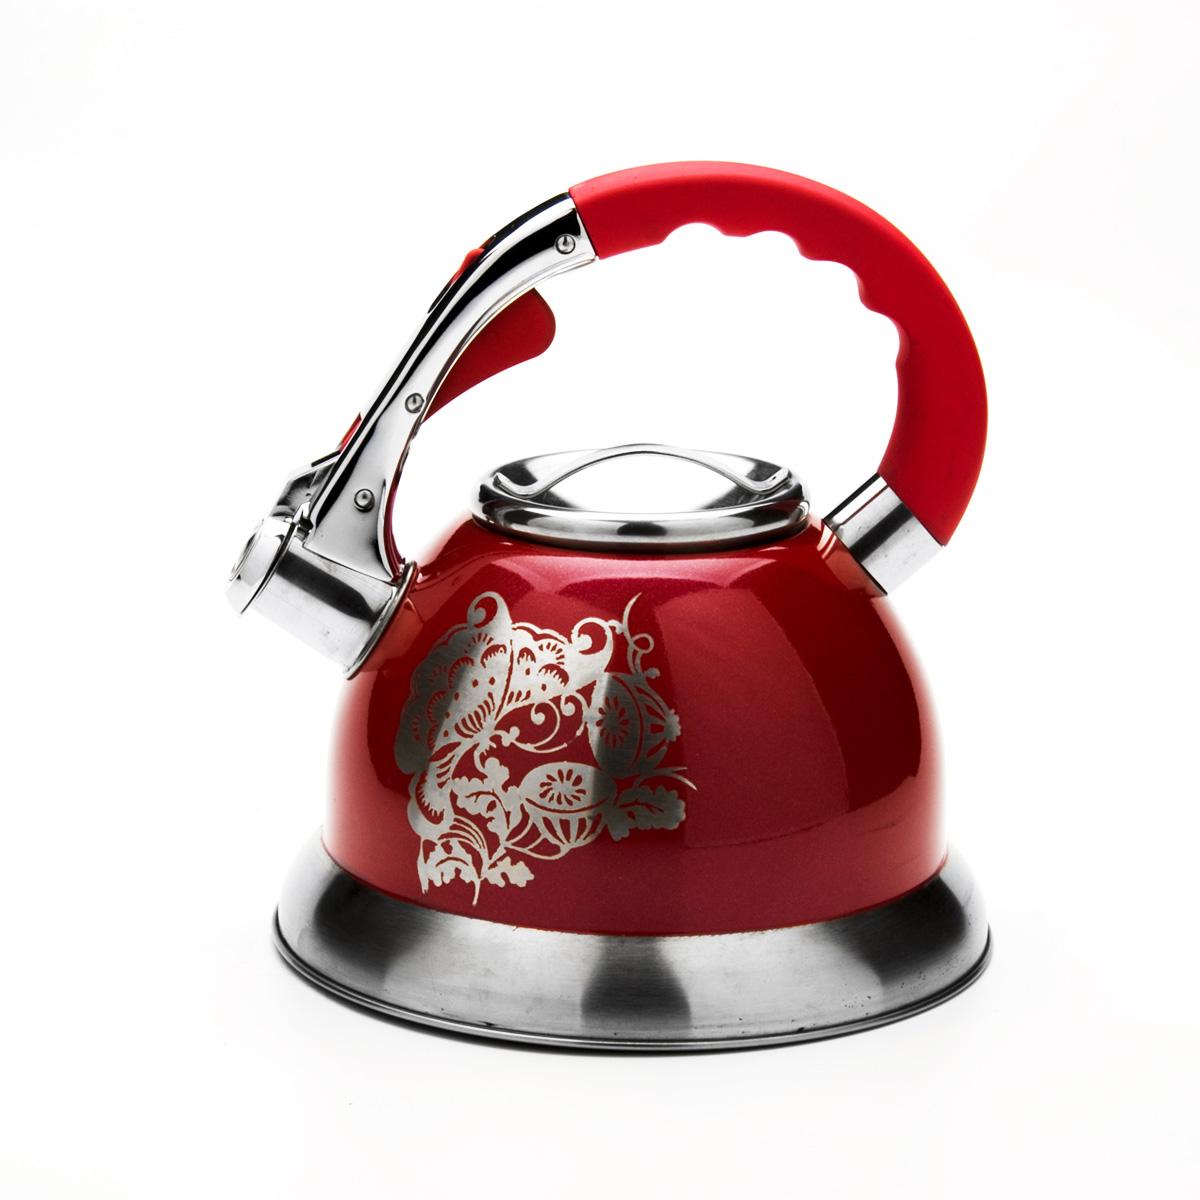 Чайник Mayer & Boch со свистком, цвет: красный, 2,7 л. 2358223582Чайник Mayer & Boch выполнен из высококачественной нержавеющей стали, что обеспечивает долговечность использования. Внешнее цветное эмалевое покрытие придает приятный внешний вид. Фиксированная ручка из нейлона делает использование чайника очень удобным и безопасным. Чайник снабжен свистком и устройством для открывания носика, которое находится на ручке. Можно мыть в посудомоечной машине. Пригоден для всех видов плит, кроме индукционных.